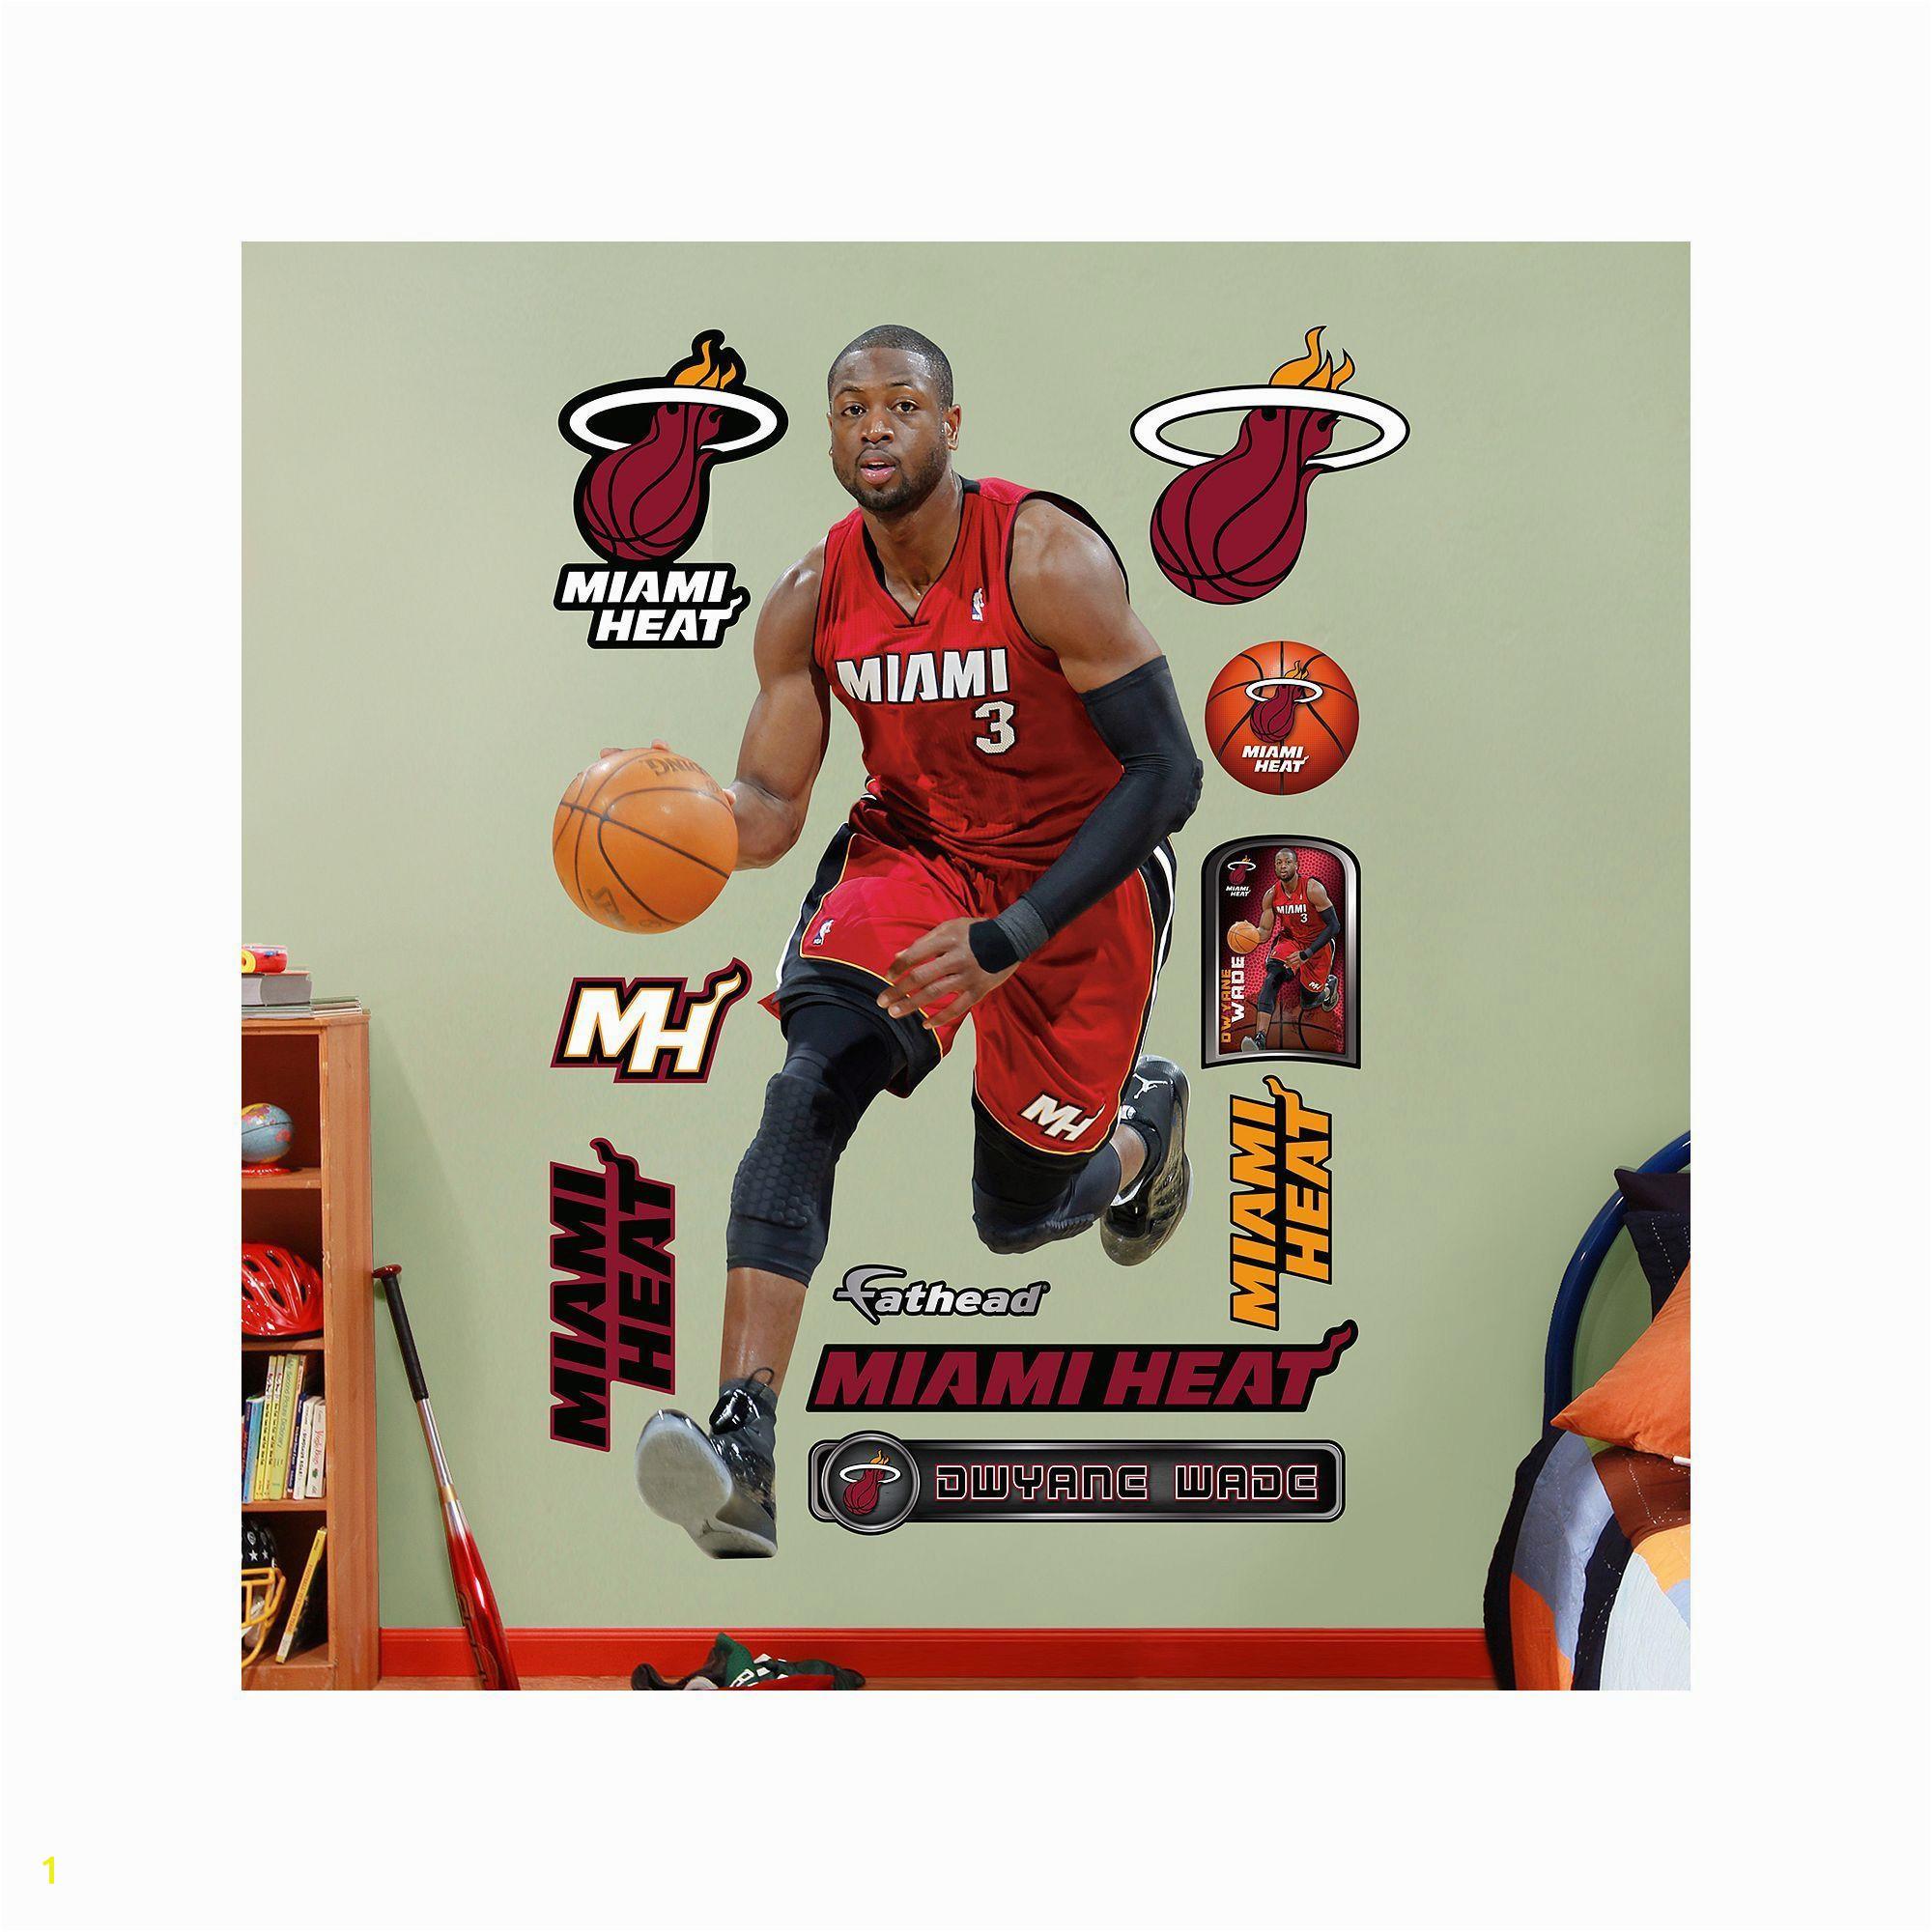 Fathead Miami Heat Dwyane Wade Wall Decals Multicolor